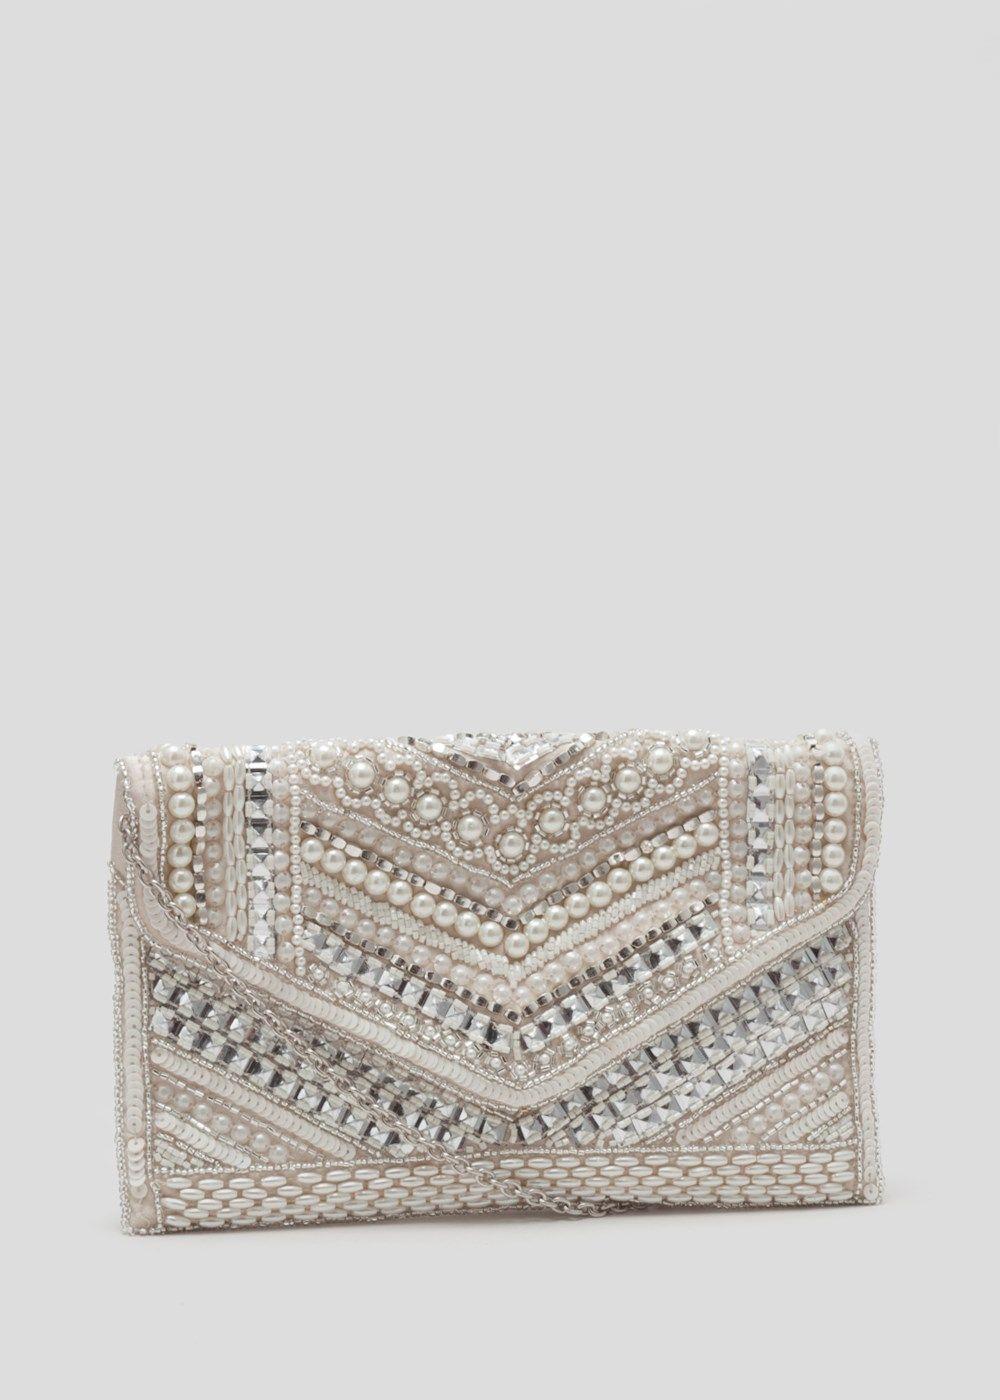 e6a70968f022d0 Pearl Clutch Bag - Matalan | Fashion | Clutch bag, Bags, Matalan